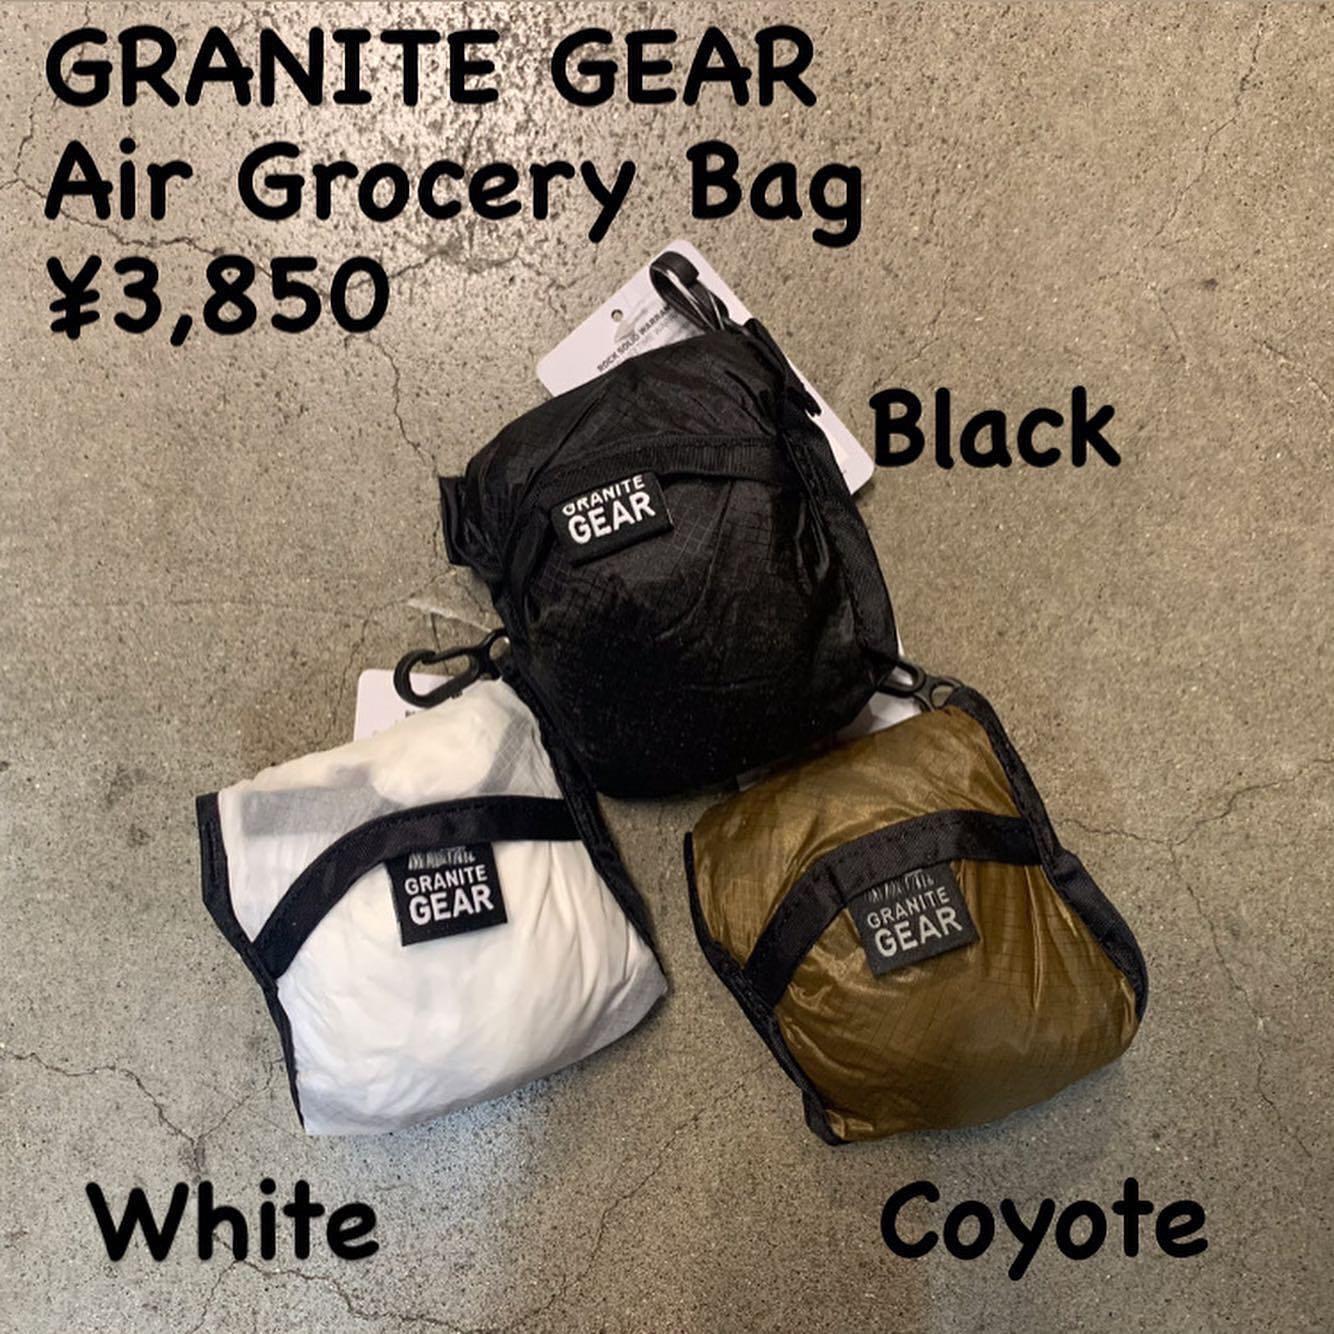 容量もたっぷり、耐水性があり、12kgの荷重まで大丈夫『GRANITE GEAR エアグロッセリーバッグ』のご紹介